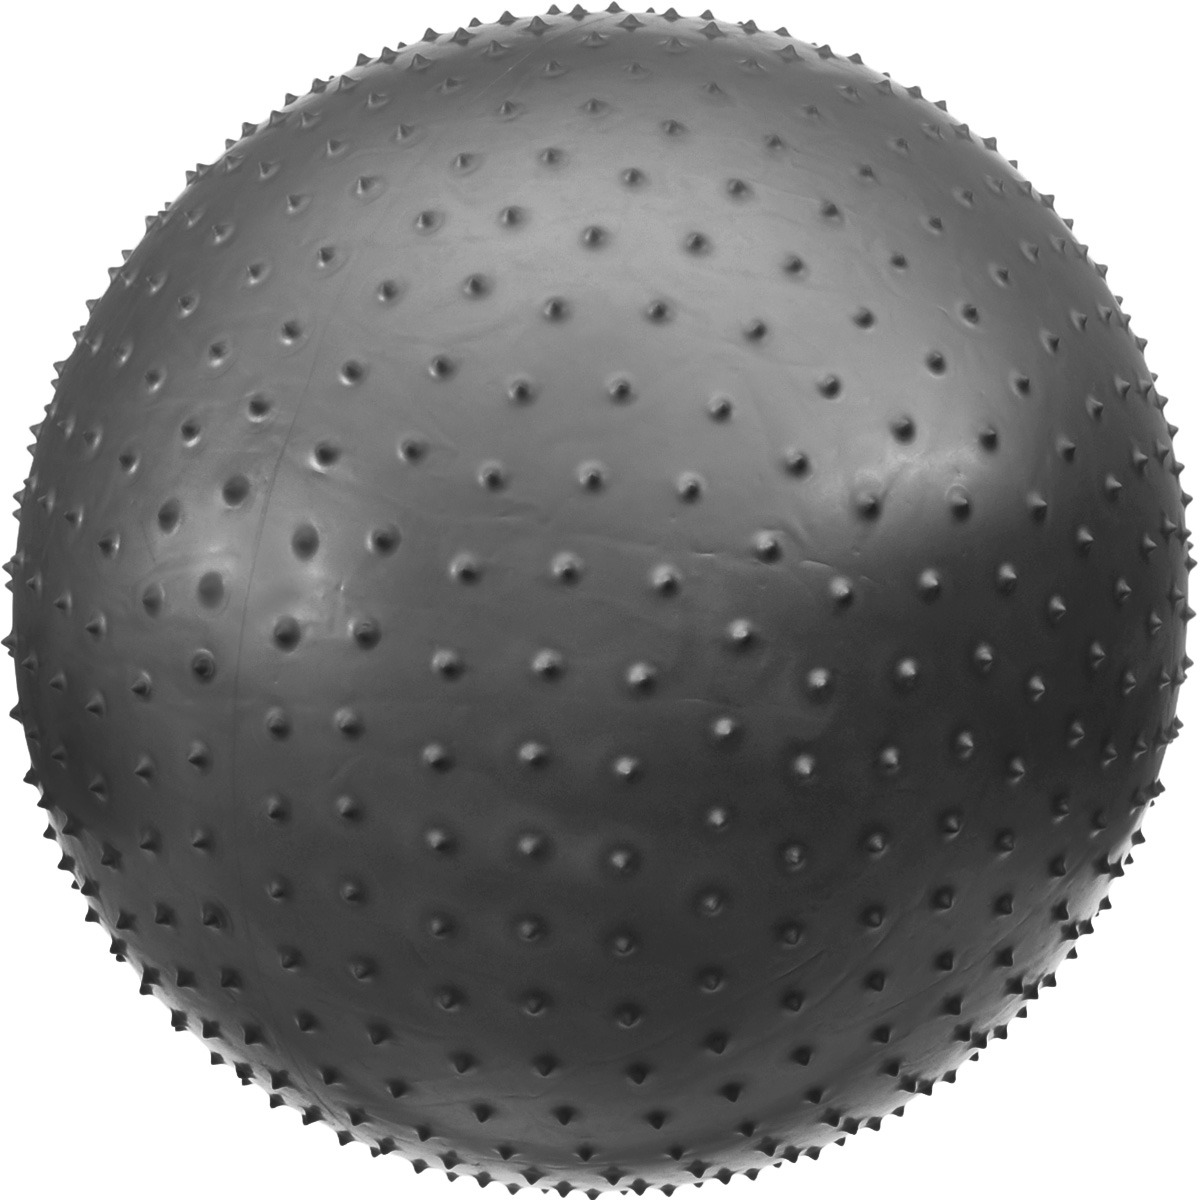 Мяч для фитнеса Bradex, массажный, 75 см233078Массажный мяч для фитнеса Bradex отличается от обычного мяча для фитнеса поверхностью, которая дополнительно обеспечивает массаж в течение выполнения упражнений на нем. Взрослые могут использовать мяч в качестве минитренажера, направленного на снижение веса и общего укрепления организма.Для детей он станет веселой и полезной игрушкой, благотворно влияющей на формирование правильной осанки, гибкости, ловкости и пластичности. Мяч сделан в соответствии с антивзрывной технологией, гарантирующей безопасность во время эксплуатации. Накачать гимнастический мяч можно с помощью любого насоса (ручного или ножного) или же компрессором. Для этого необходимо воспользоваться конусообразным переходником, который, как правило, поставляется в комплекте с насосом или компрессором. Характеристики:Материал: ПВХ, силикон. Диаметр мяча: 75 см. Мах нагрузка: 150 кг. Размер упаковки: 21 см х 27,5 см х 14 см. Артикул: SF0018. Производитель: Китай.Йога: все, что нужно начинающим и опытным практикам. Статья OZON Гид